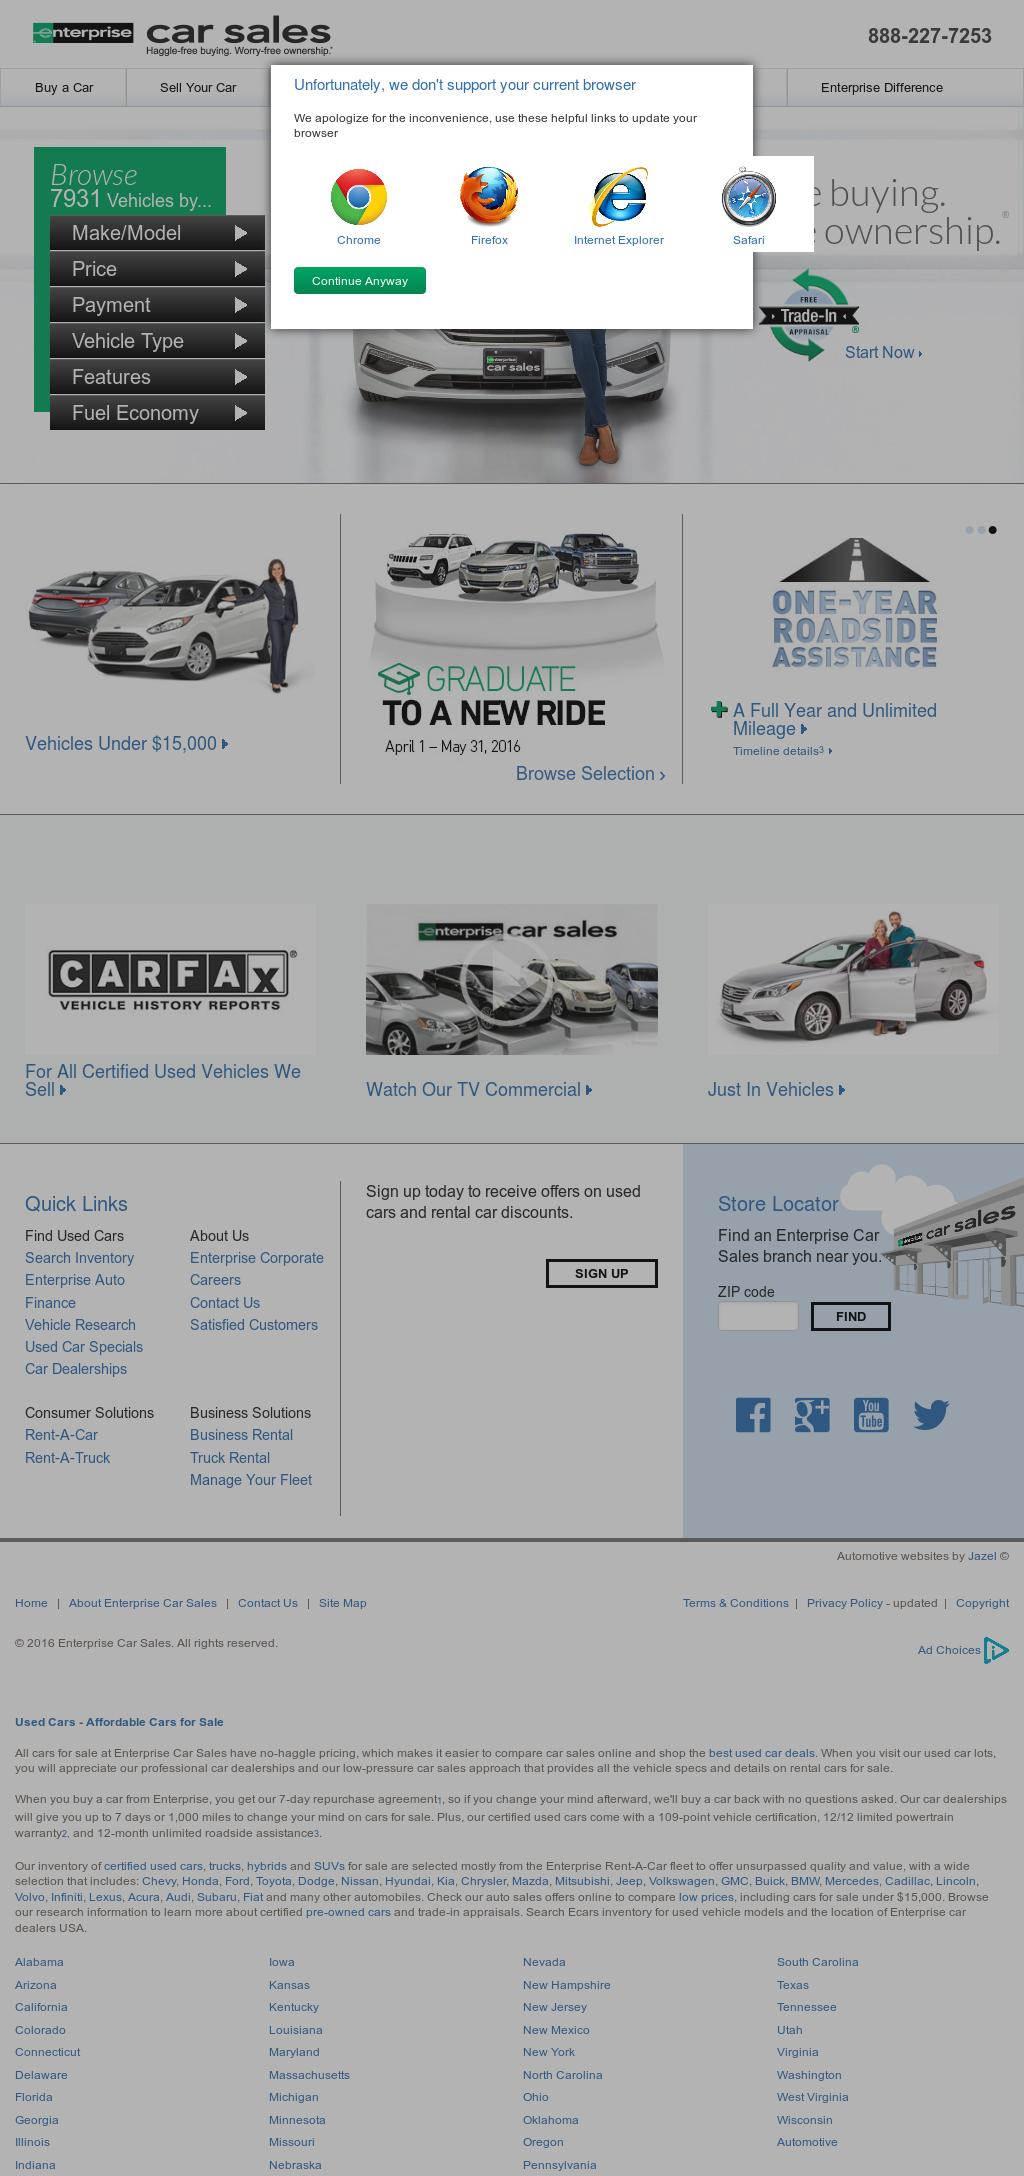 Enterprise Cars For Sale >> Enterprise Car Sales Competitors Revenue And Employees Owler